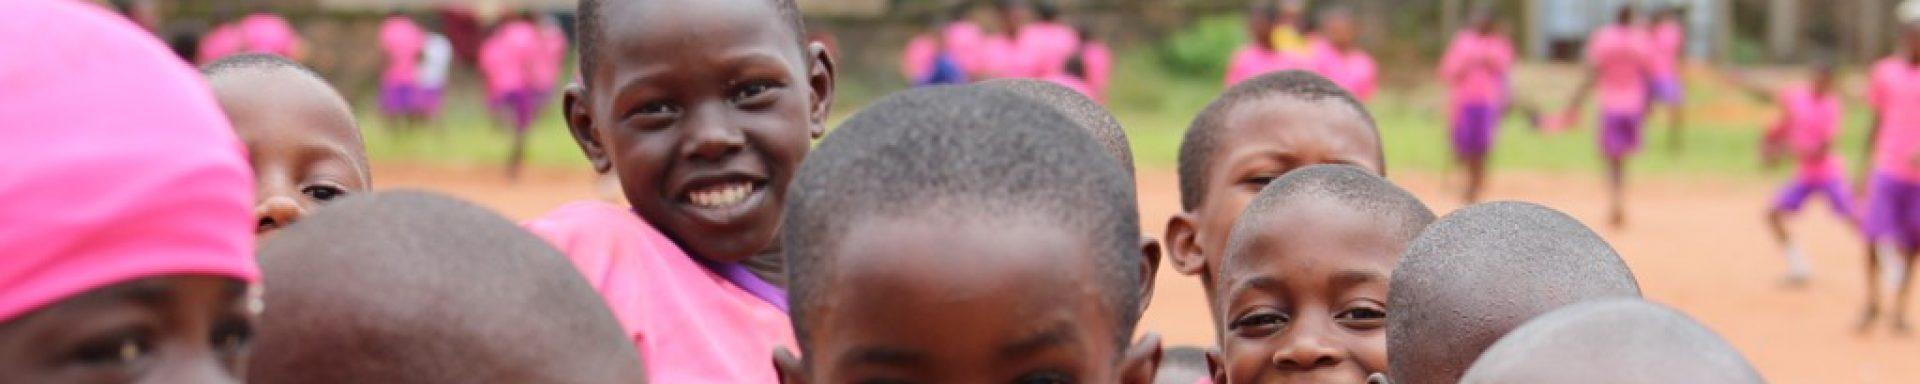 Kinderen op een schoolplein in Nigeria.